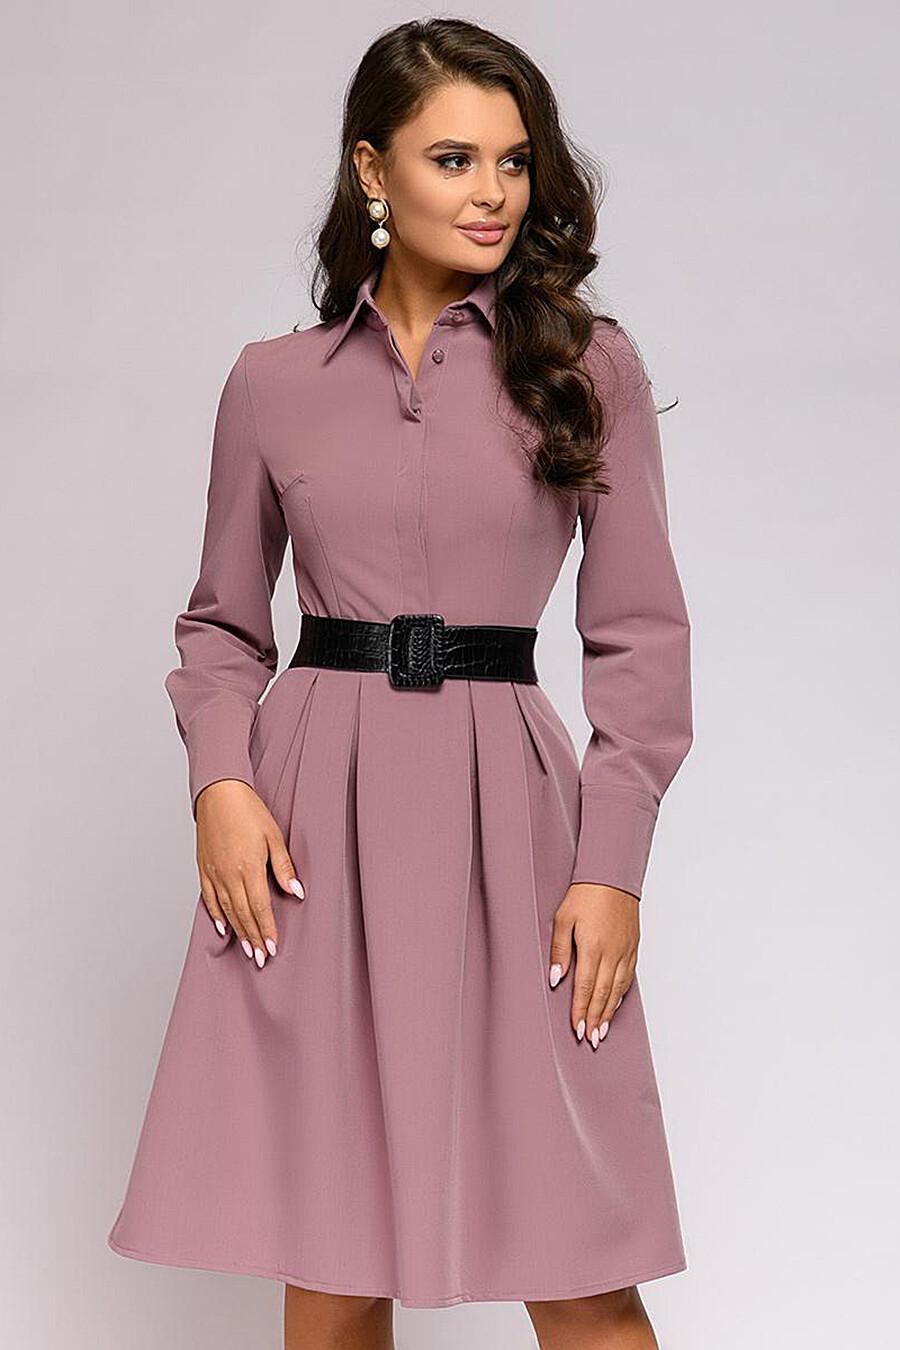 Платье для женщин 1001 DRESS 181007 купить оптом от производителя. Совместная покупка женской одежды в OptMoyo